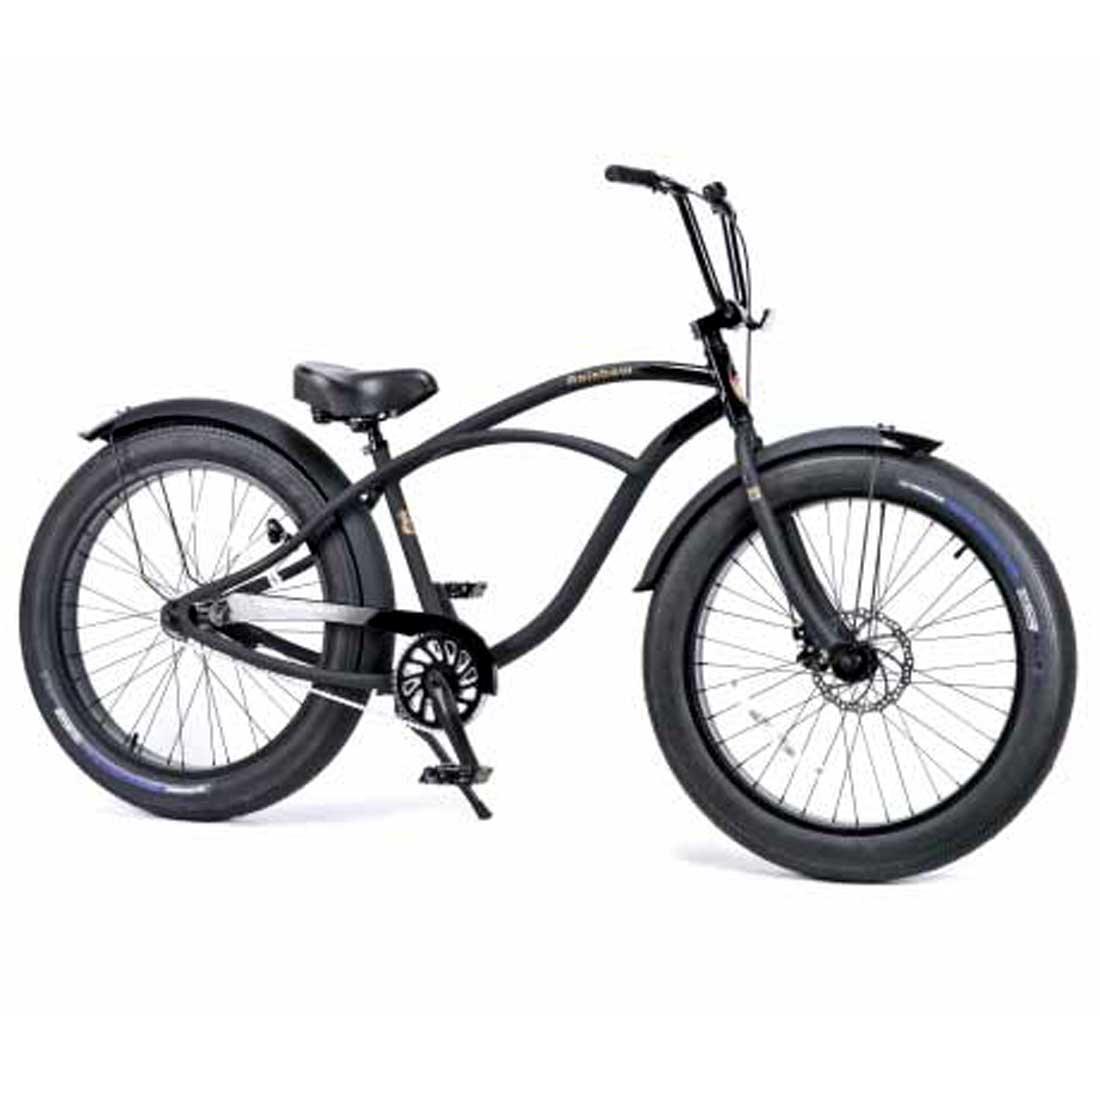 ビーチクルーザー 26インチ ファットバイク アルミフレーム 自転車 通勤 通学 レインボービーチクルーザー GREASE-3.5-1sp ダースベーダー メンズ レディース